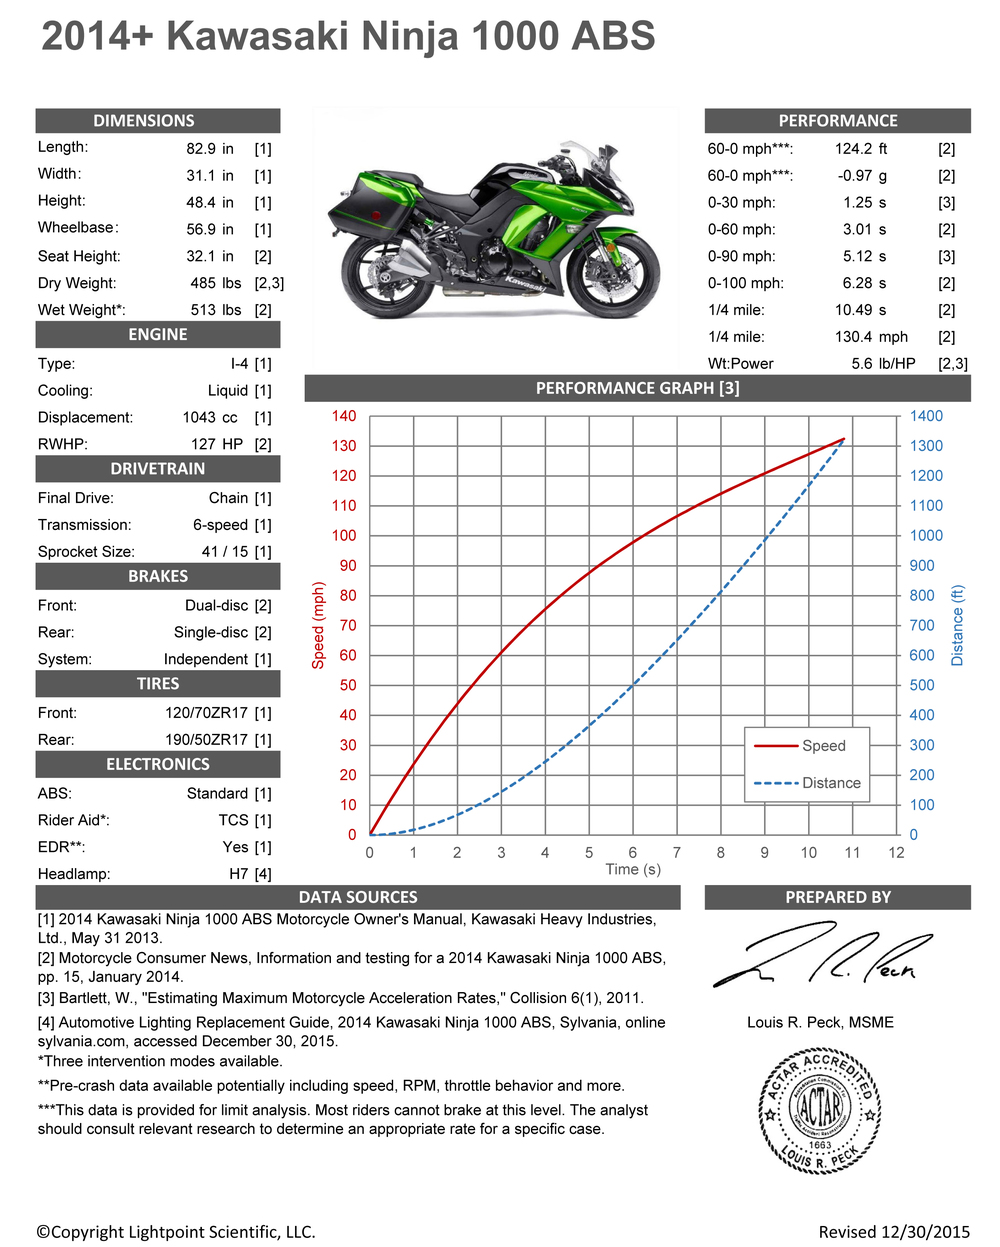 Kawasaki Ninja 1000 ABS (2014+).jpg